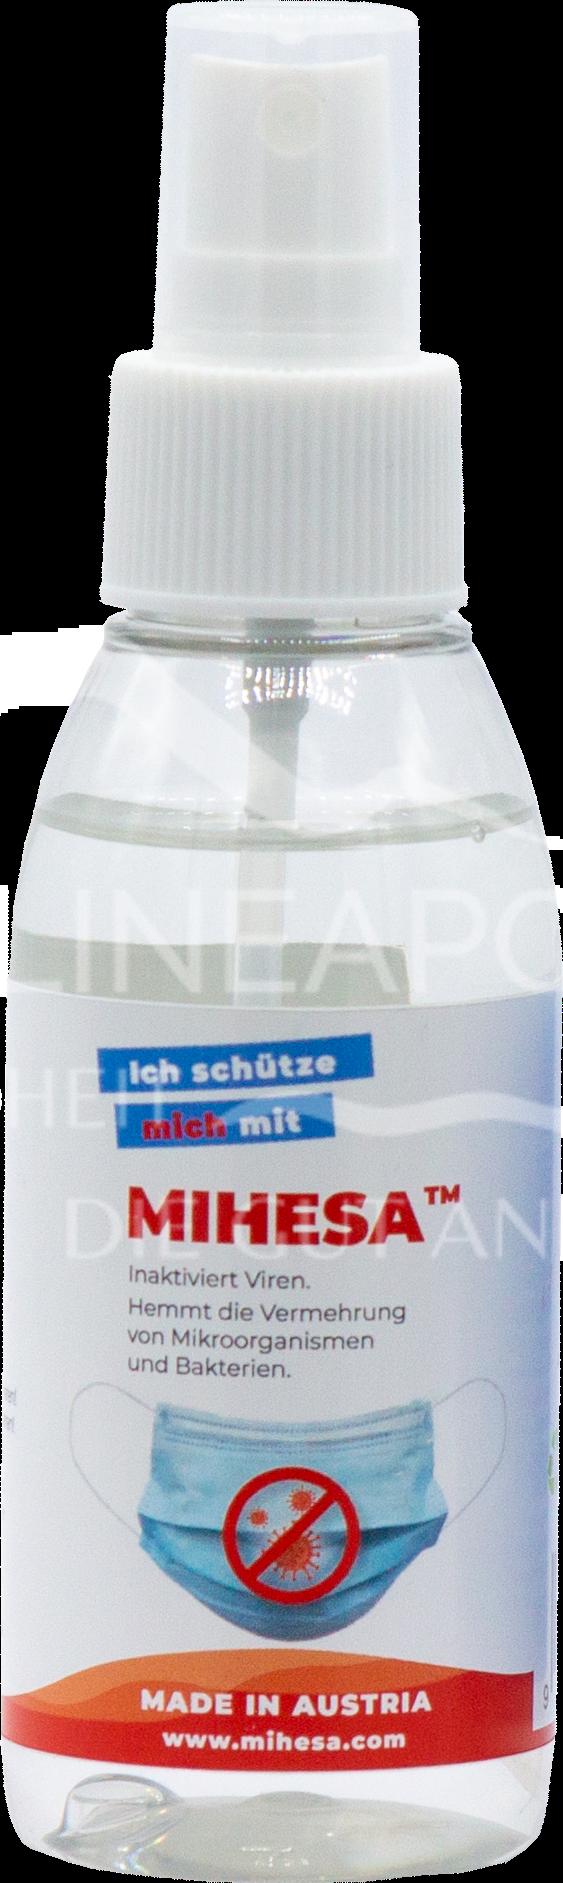 Mihesa Desinfektions- und Imprägnierspray für MNS